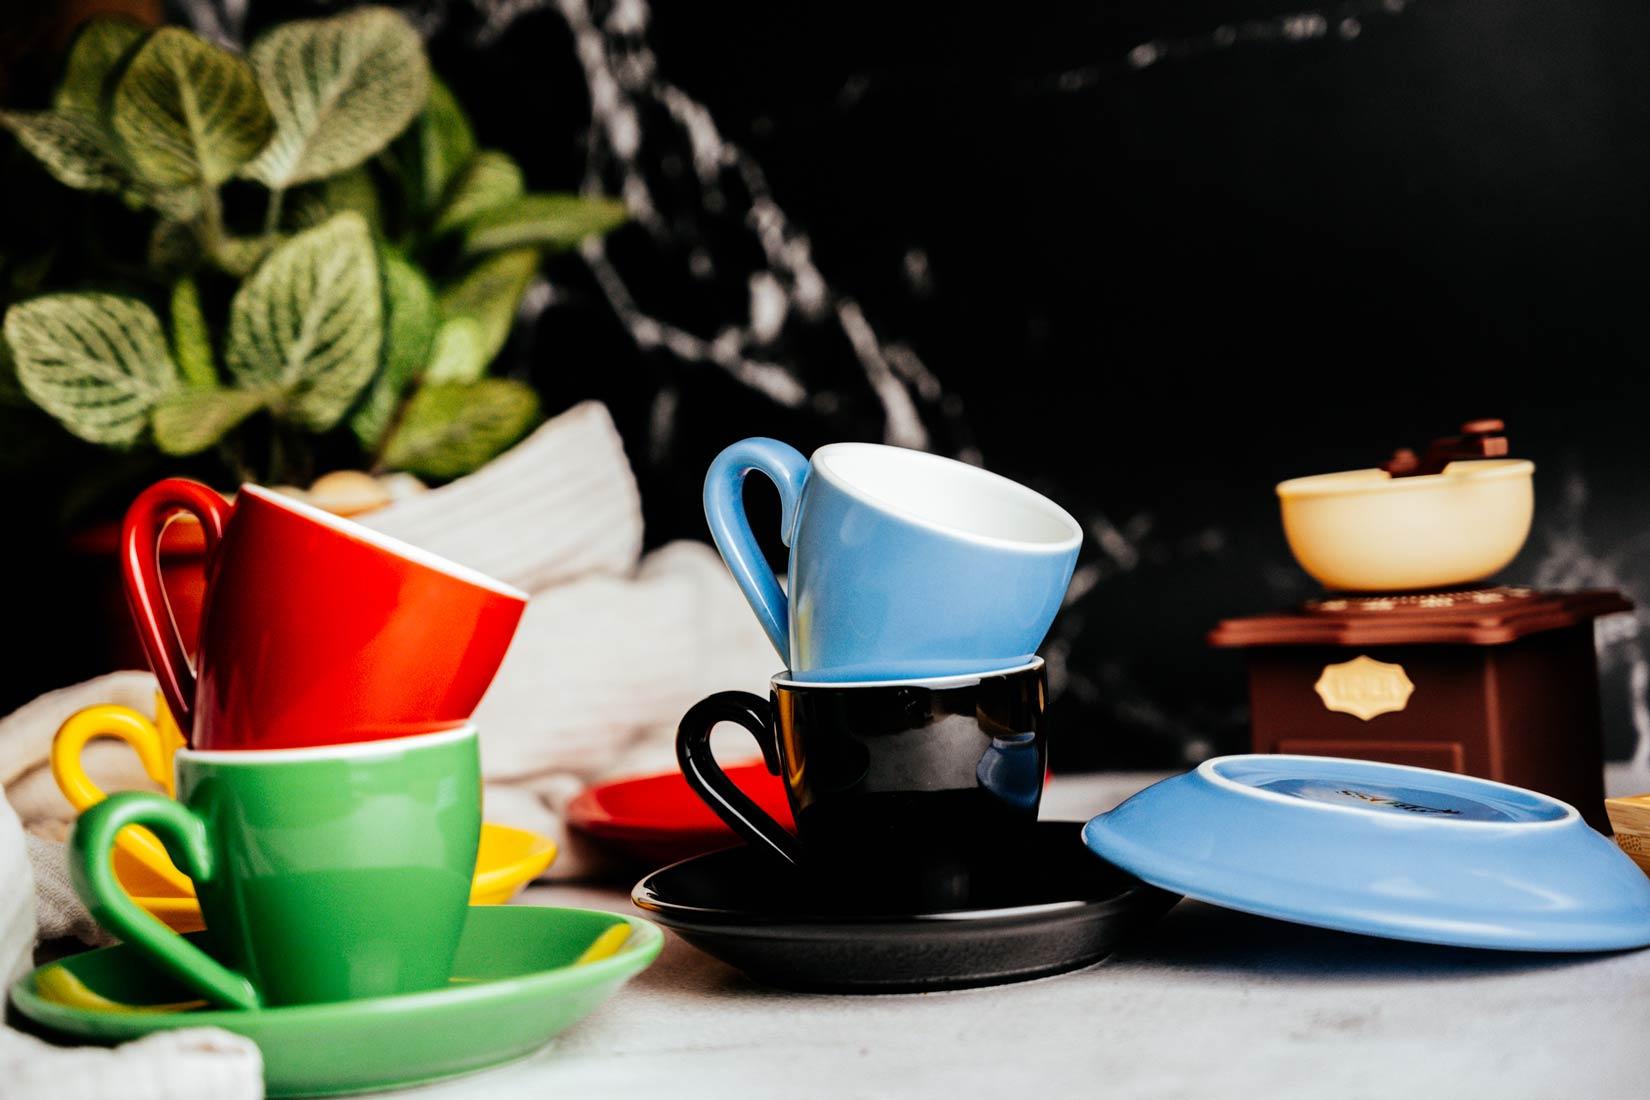 สีแก้วกาแฟกระทบกับรสชาติกาแฟ